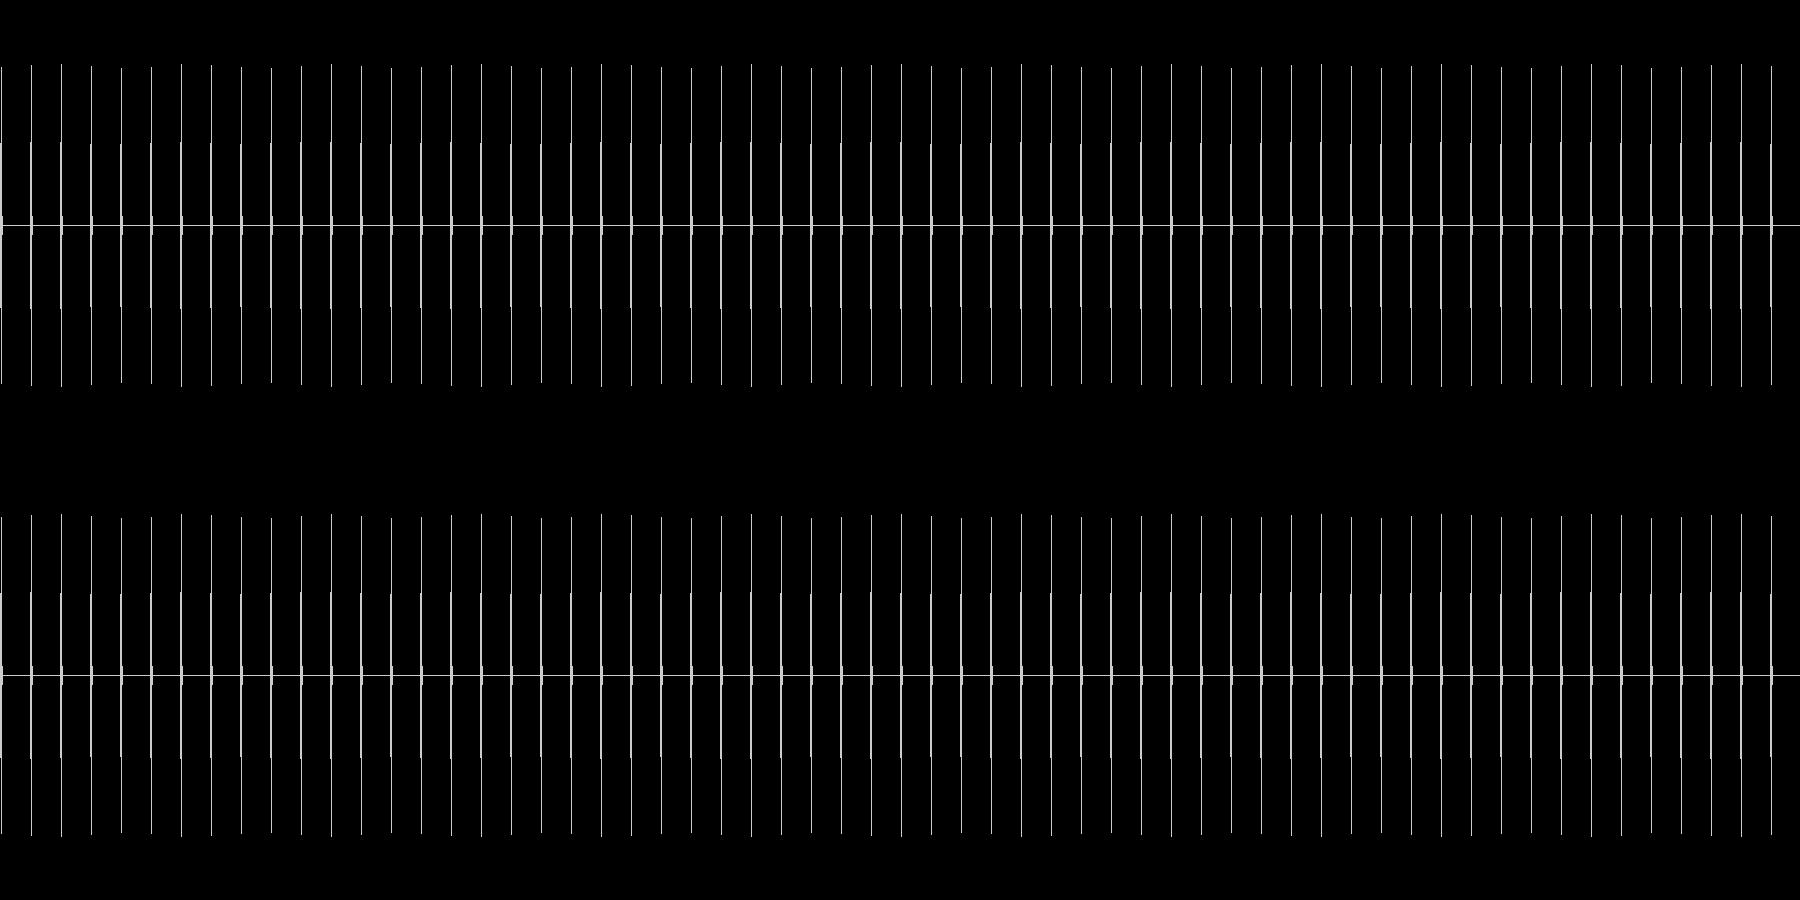 時計の針の音BPM90(かなり速め)の未再生の波形